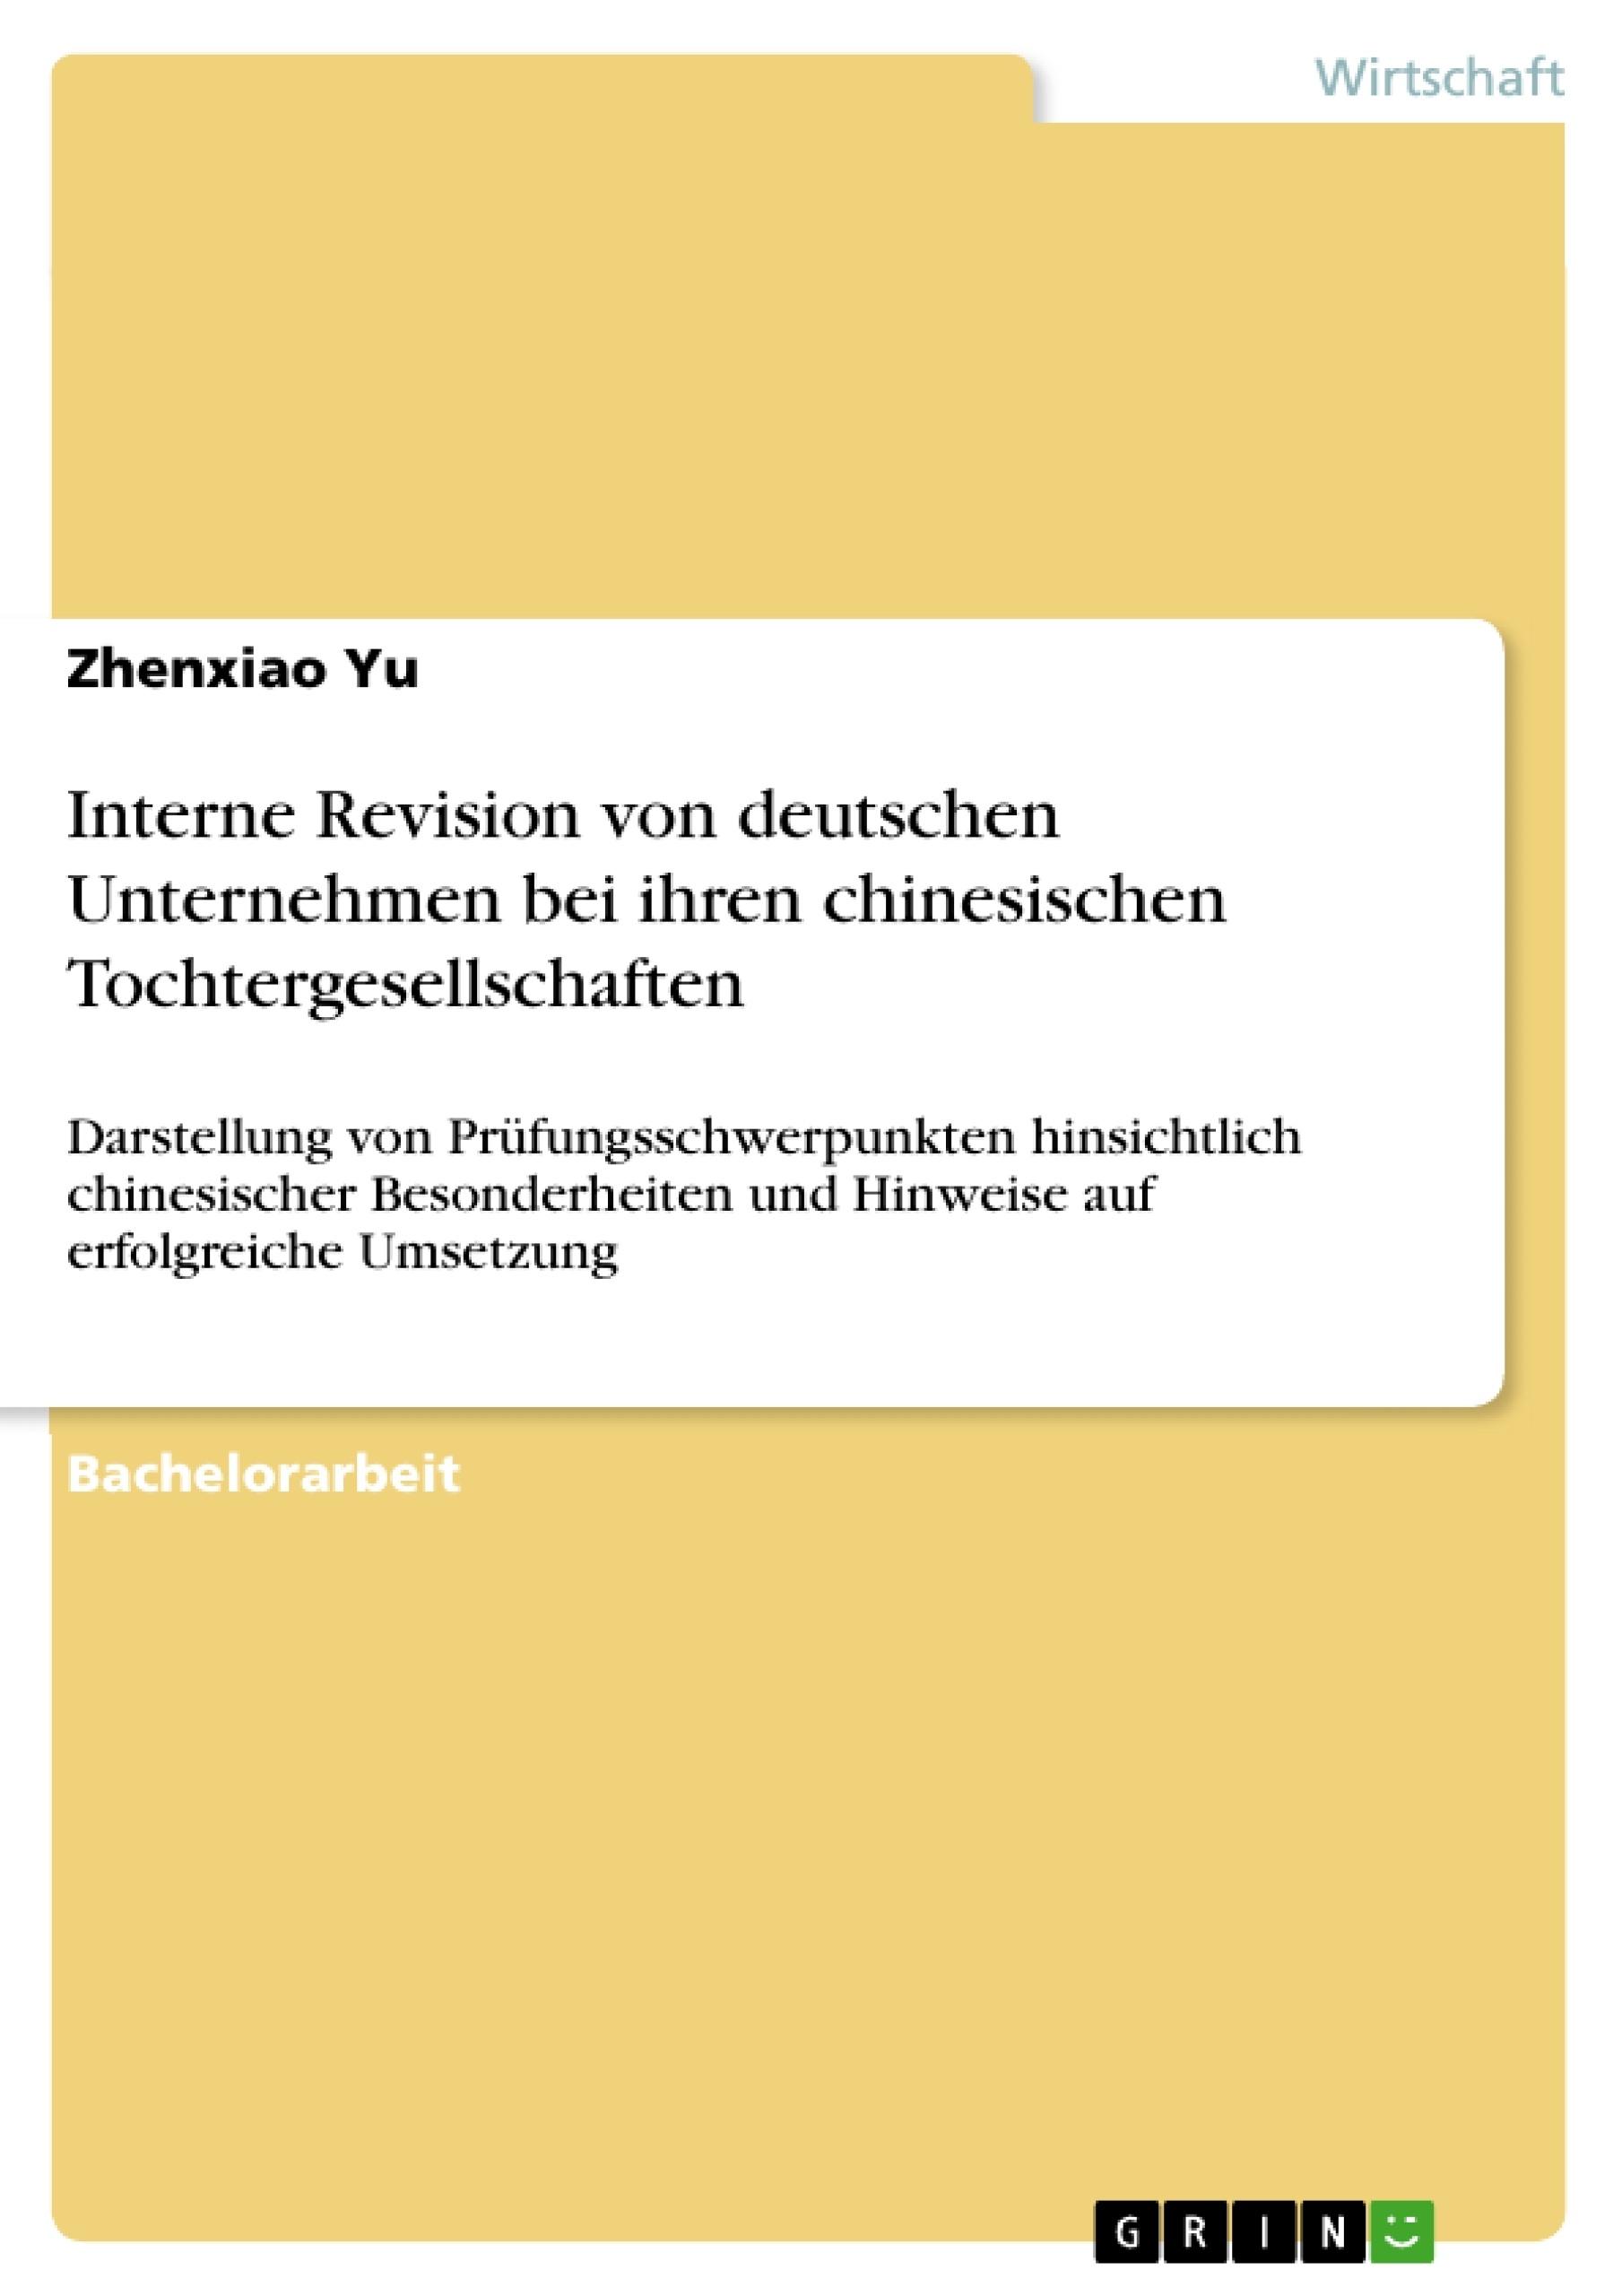 Titel: Interne Revision von deutschen Unternehmen bei ihren chinesischen Tochtergesellschaften